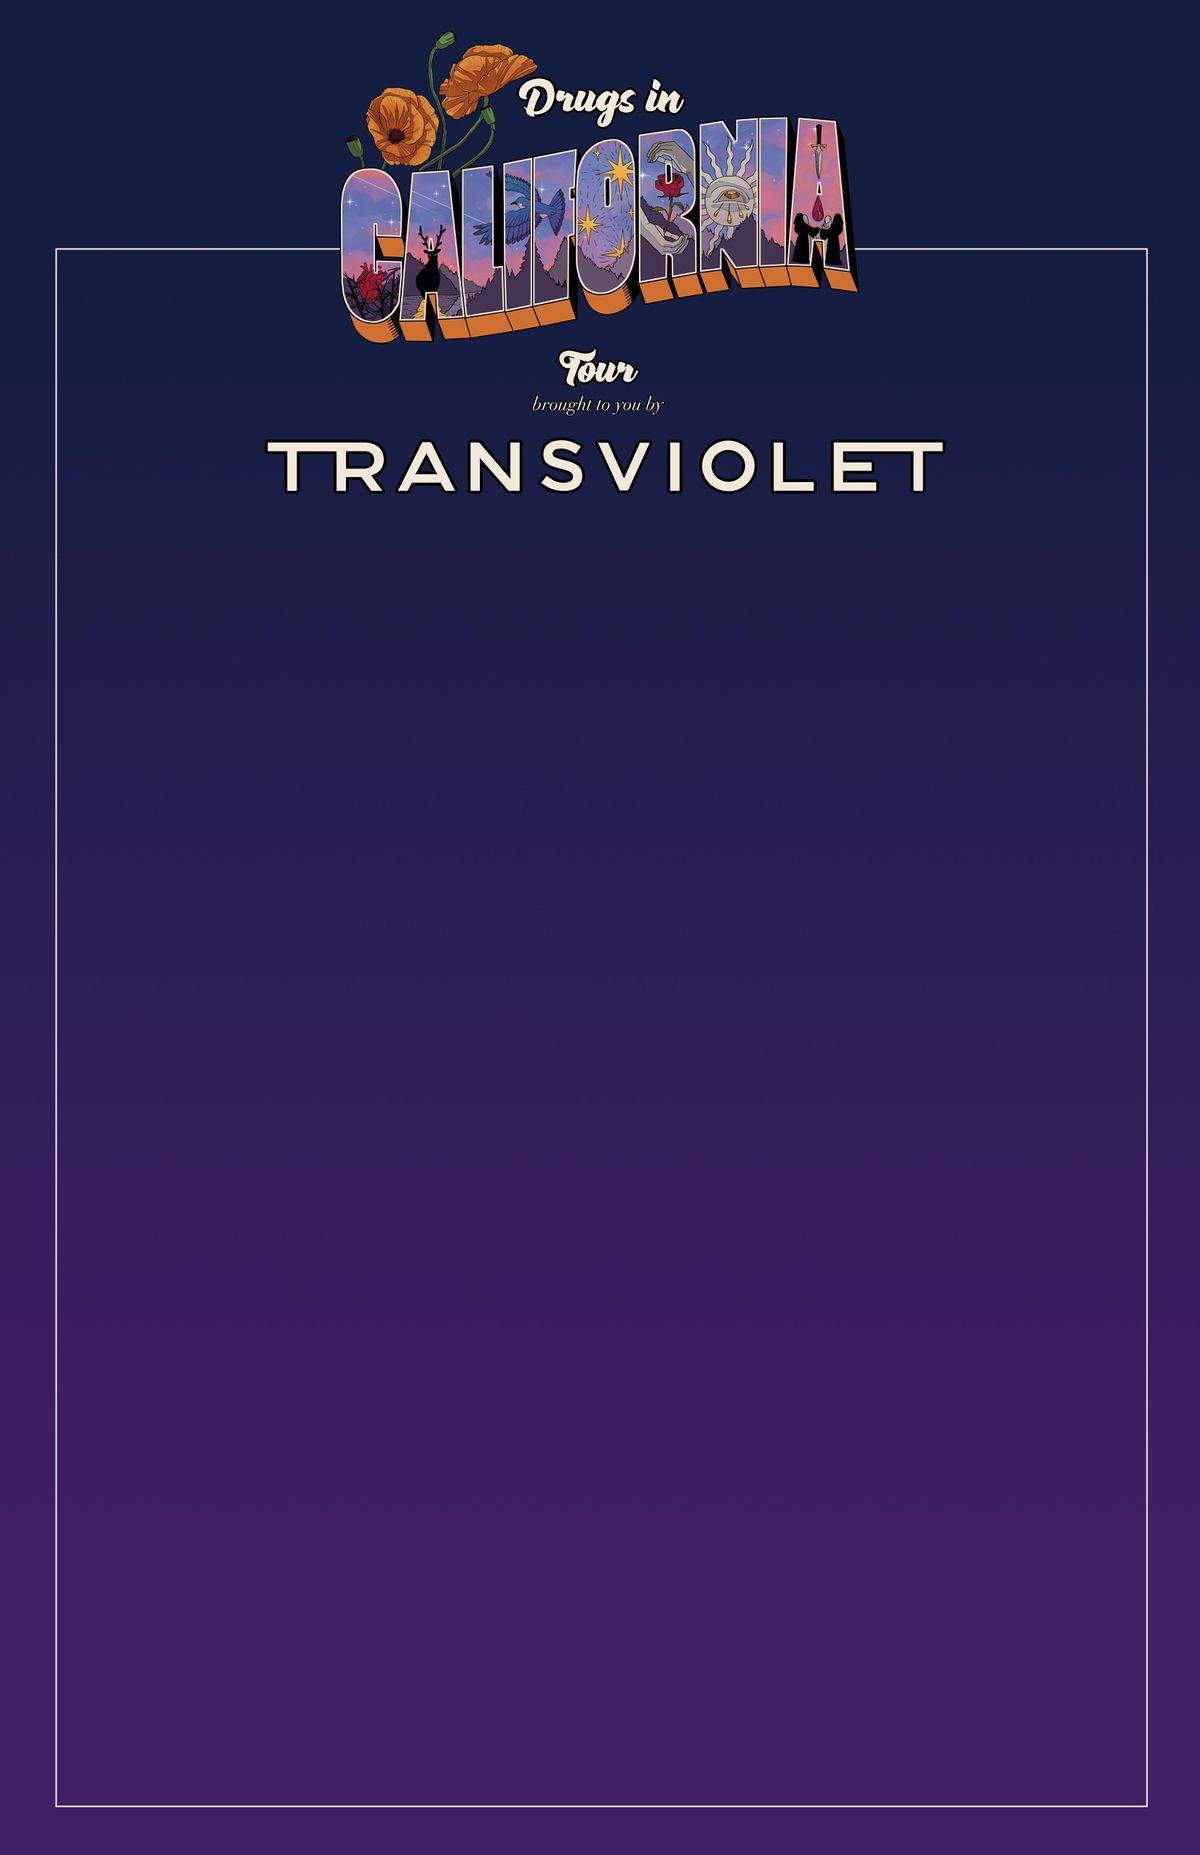 Transviolet - Drugs in California Tour